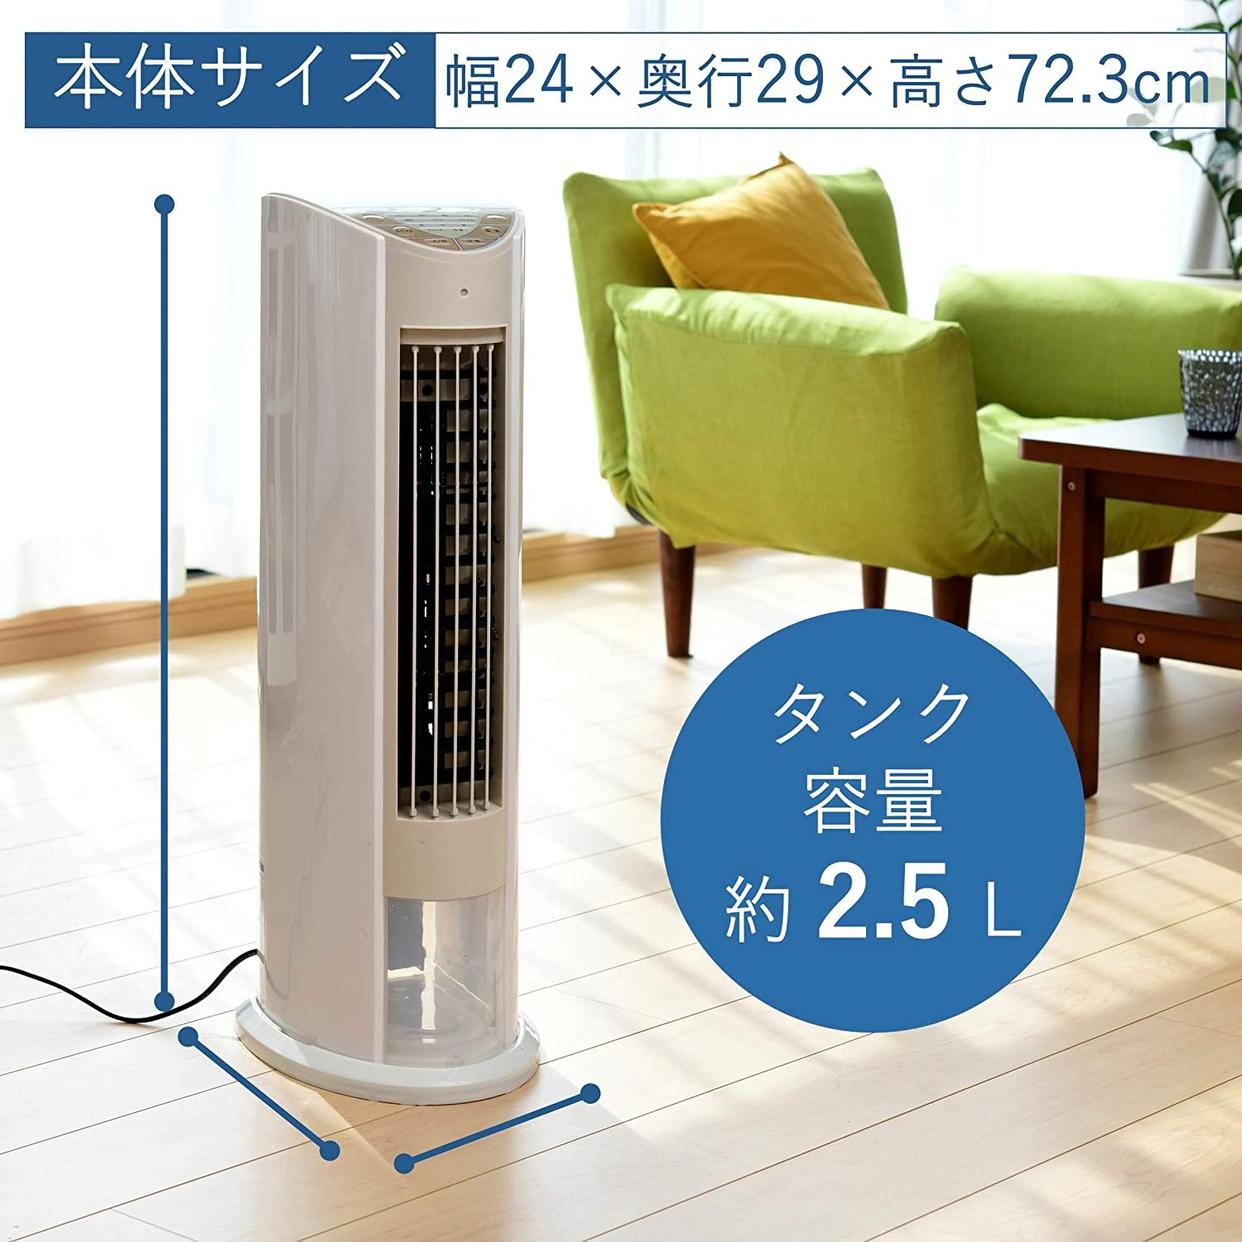 山善(YAMAZEN) 冷風扇 FCR-D405の商品画像7